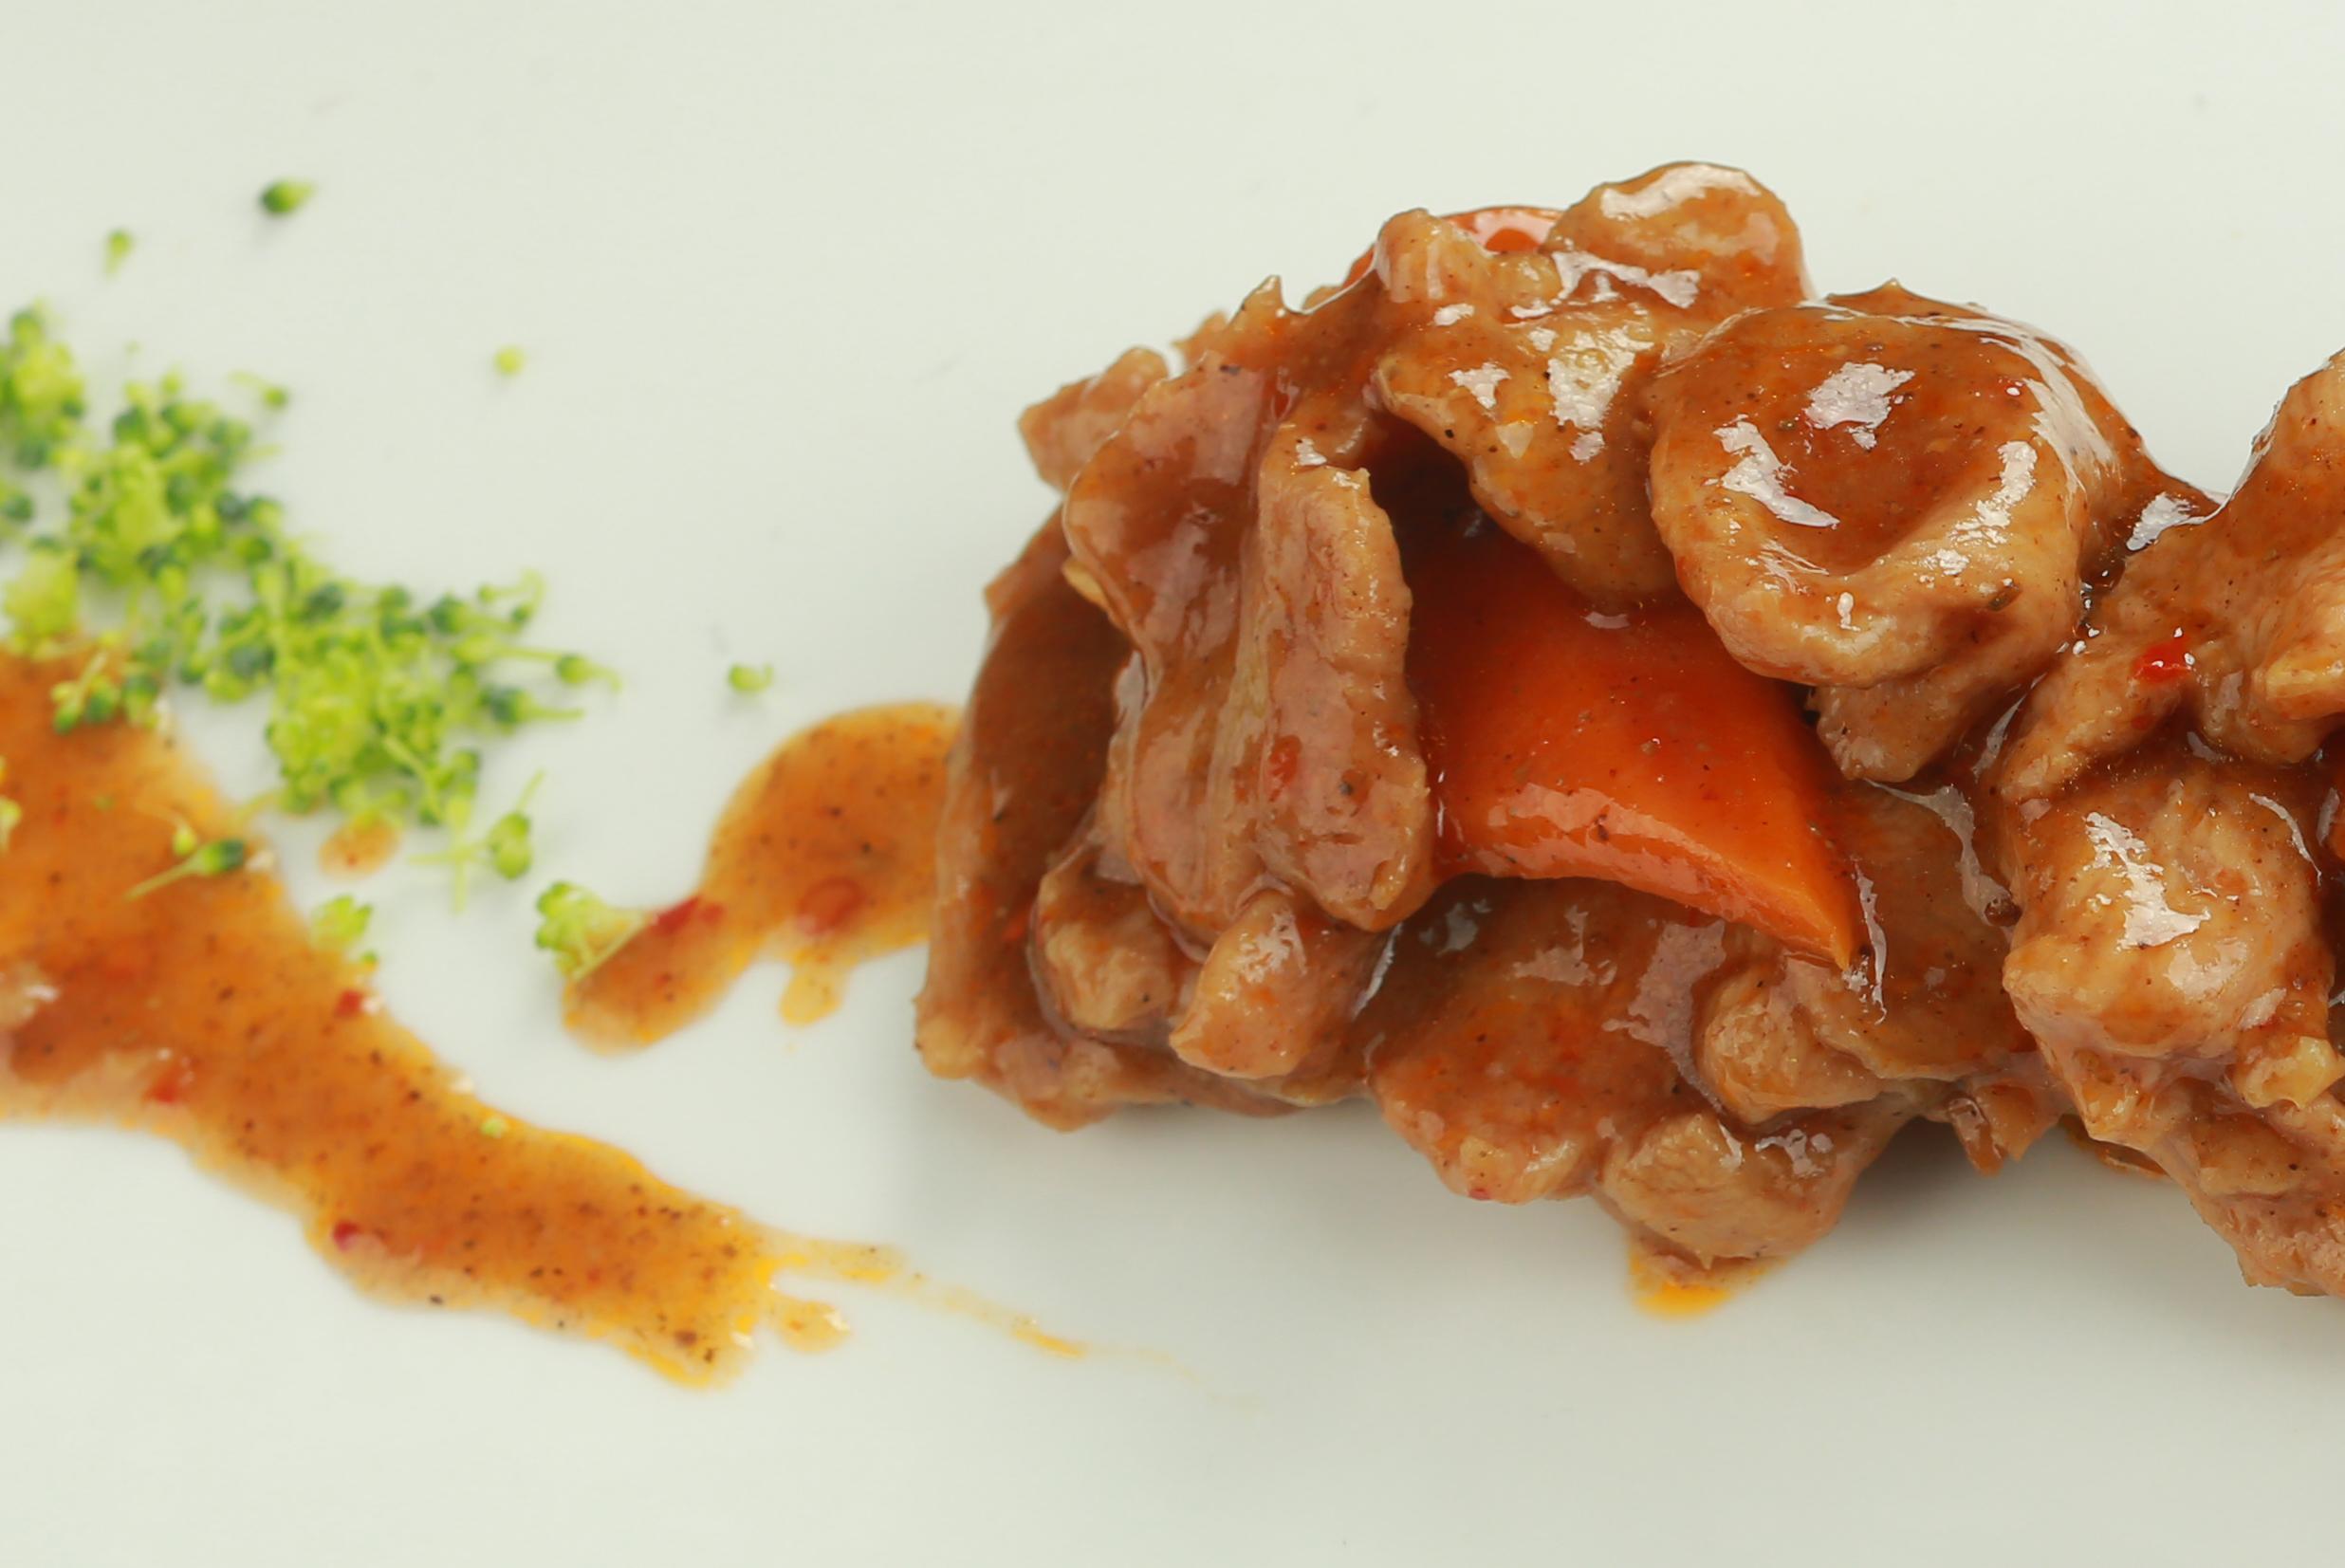 八月新品,超级好吃的土耳其烤肉